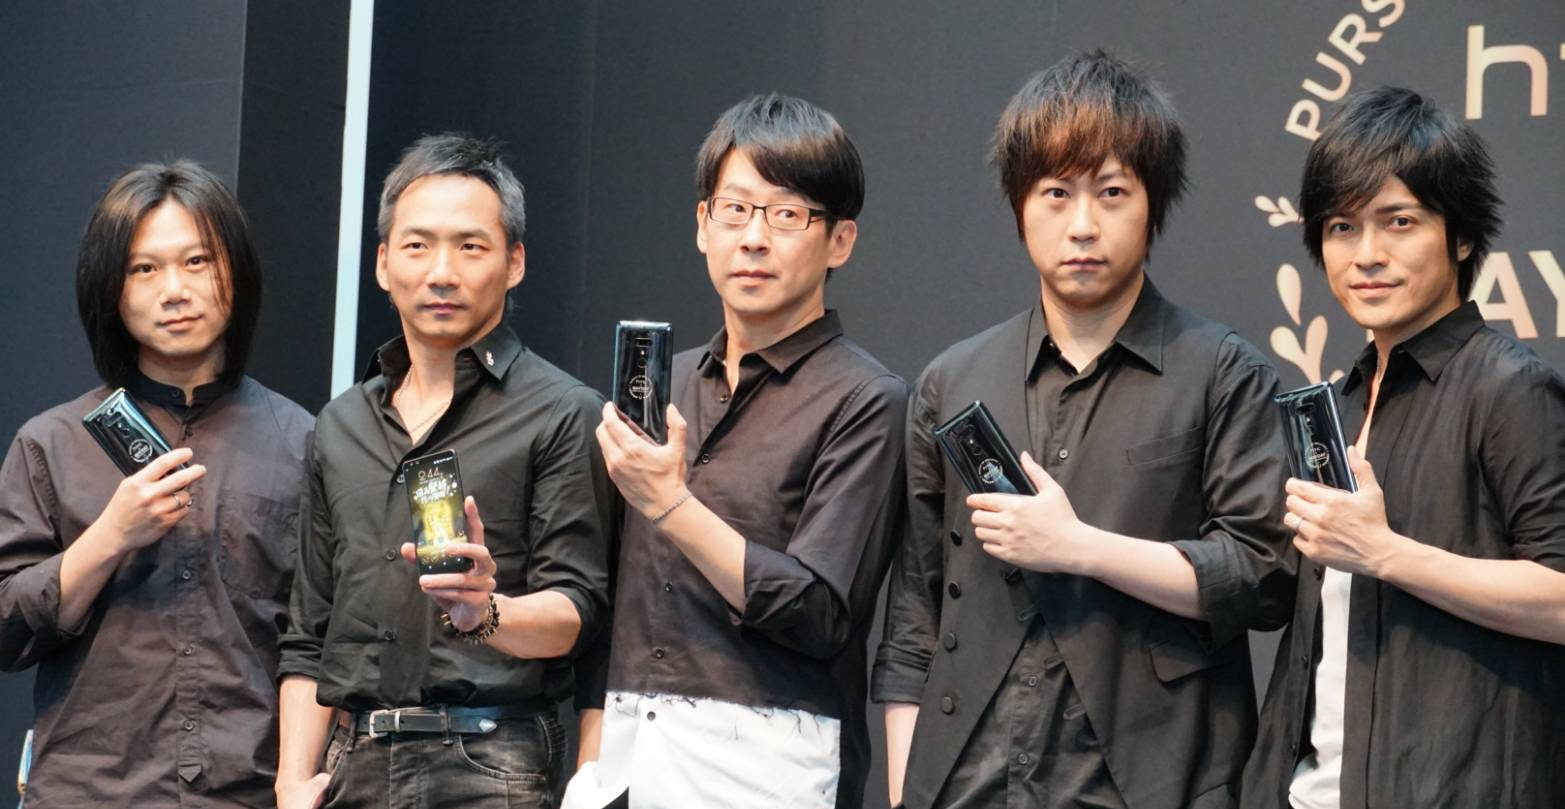 HTC X 五月天限量版 U12+ 正式上市,今日立即開賣